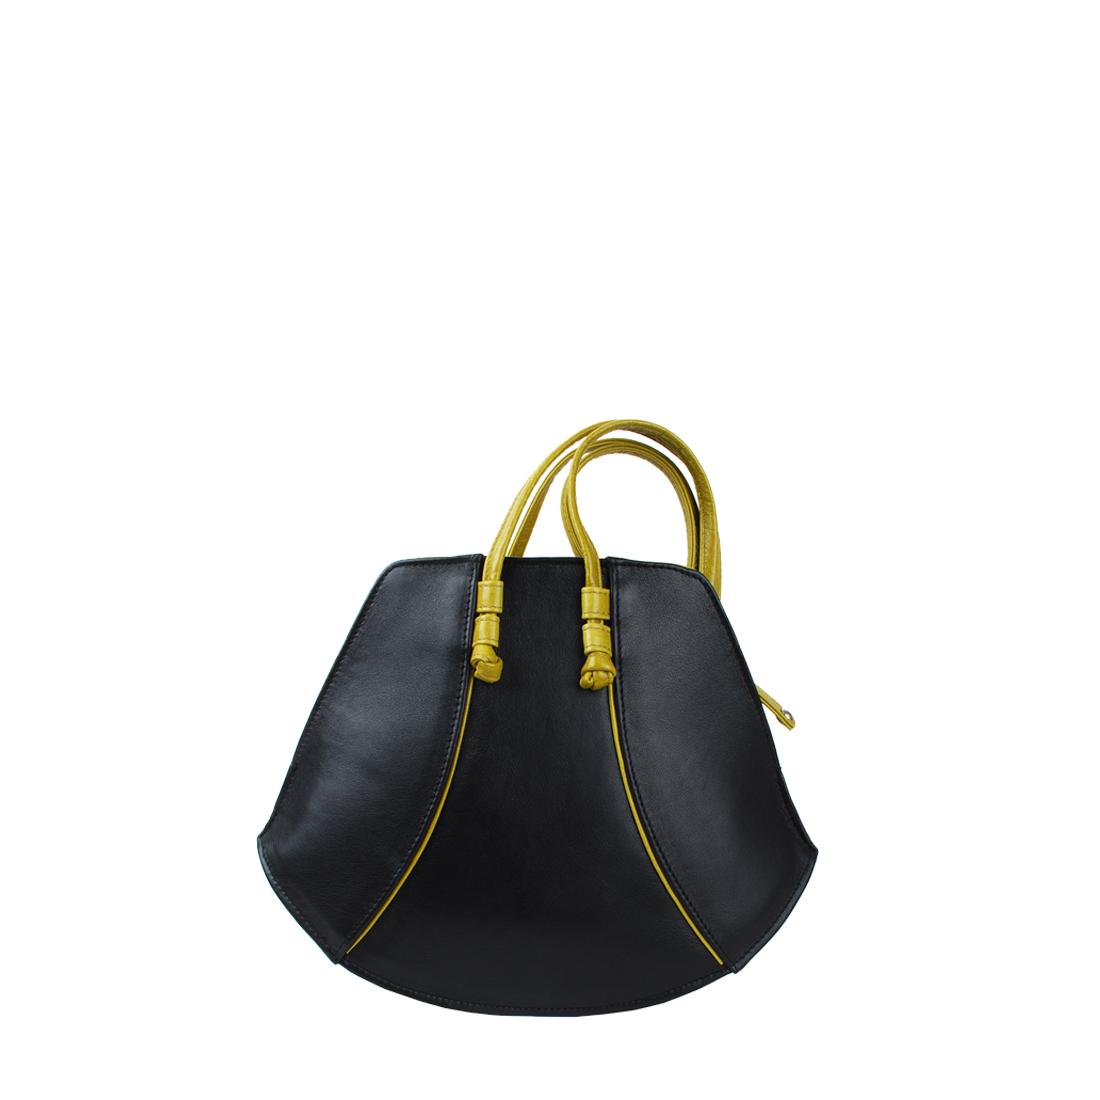 Wedge Black Leather Shoulder Bag